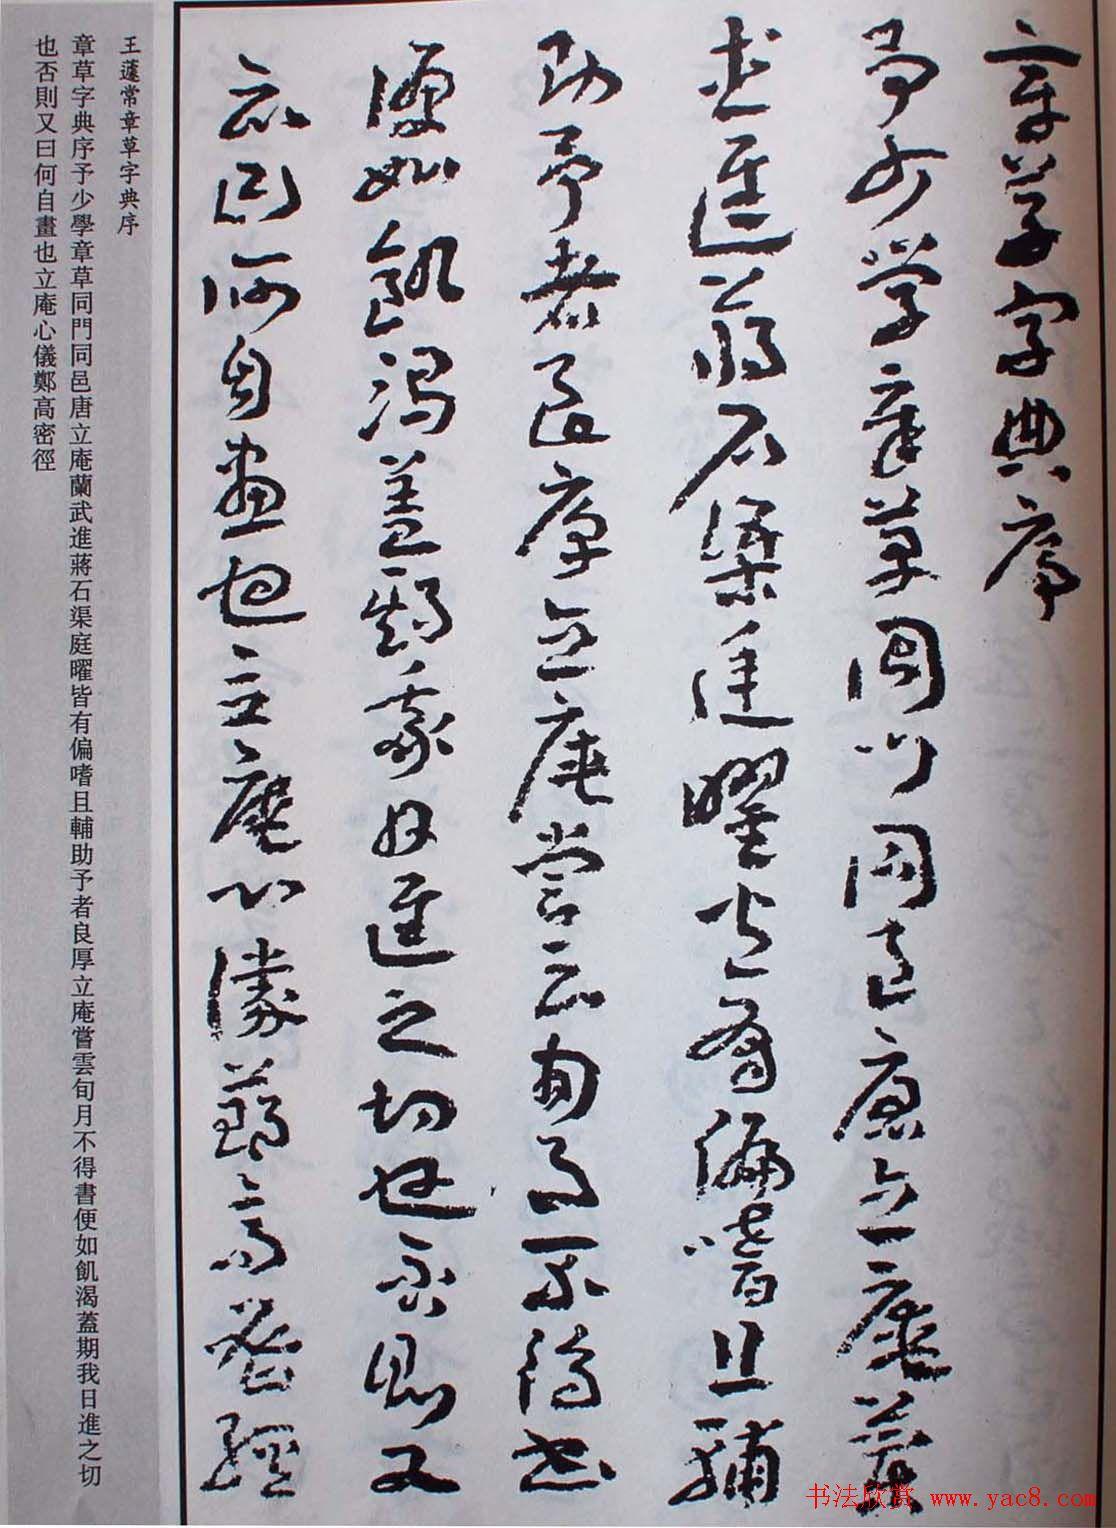 王遽常草书欣赏《章草字典序》